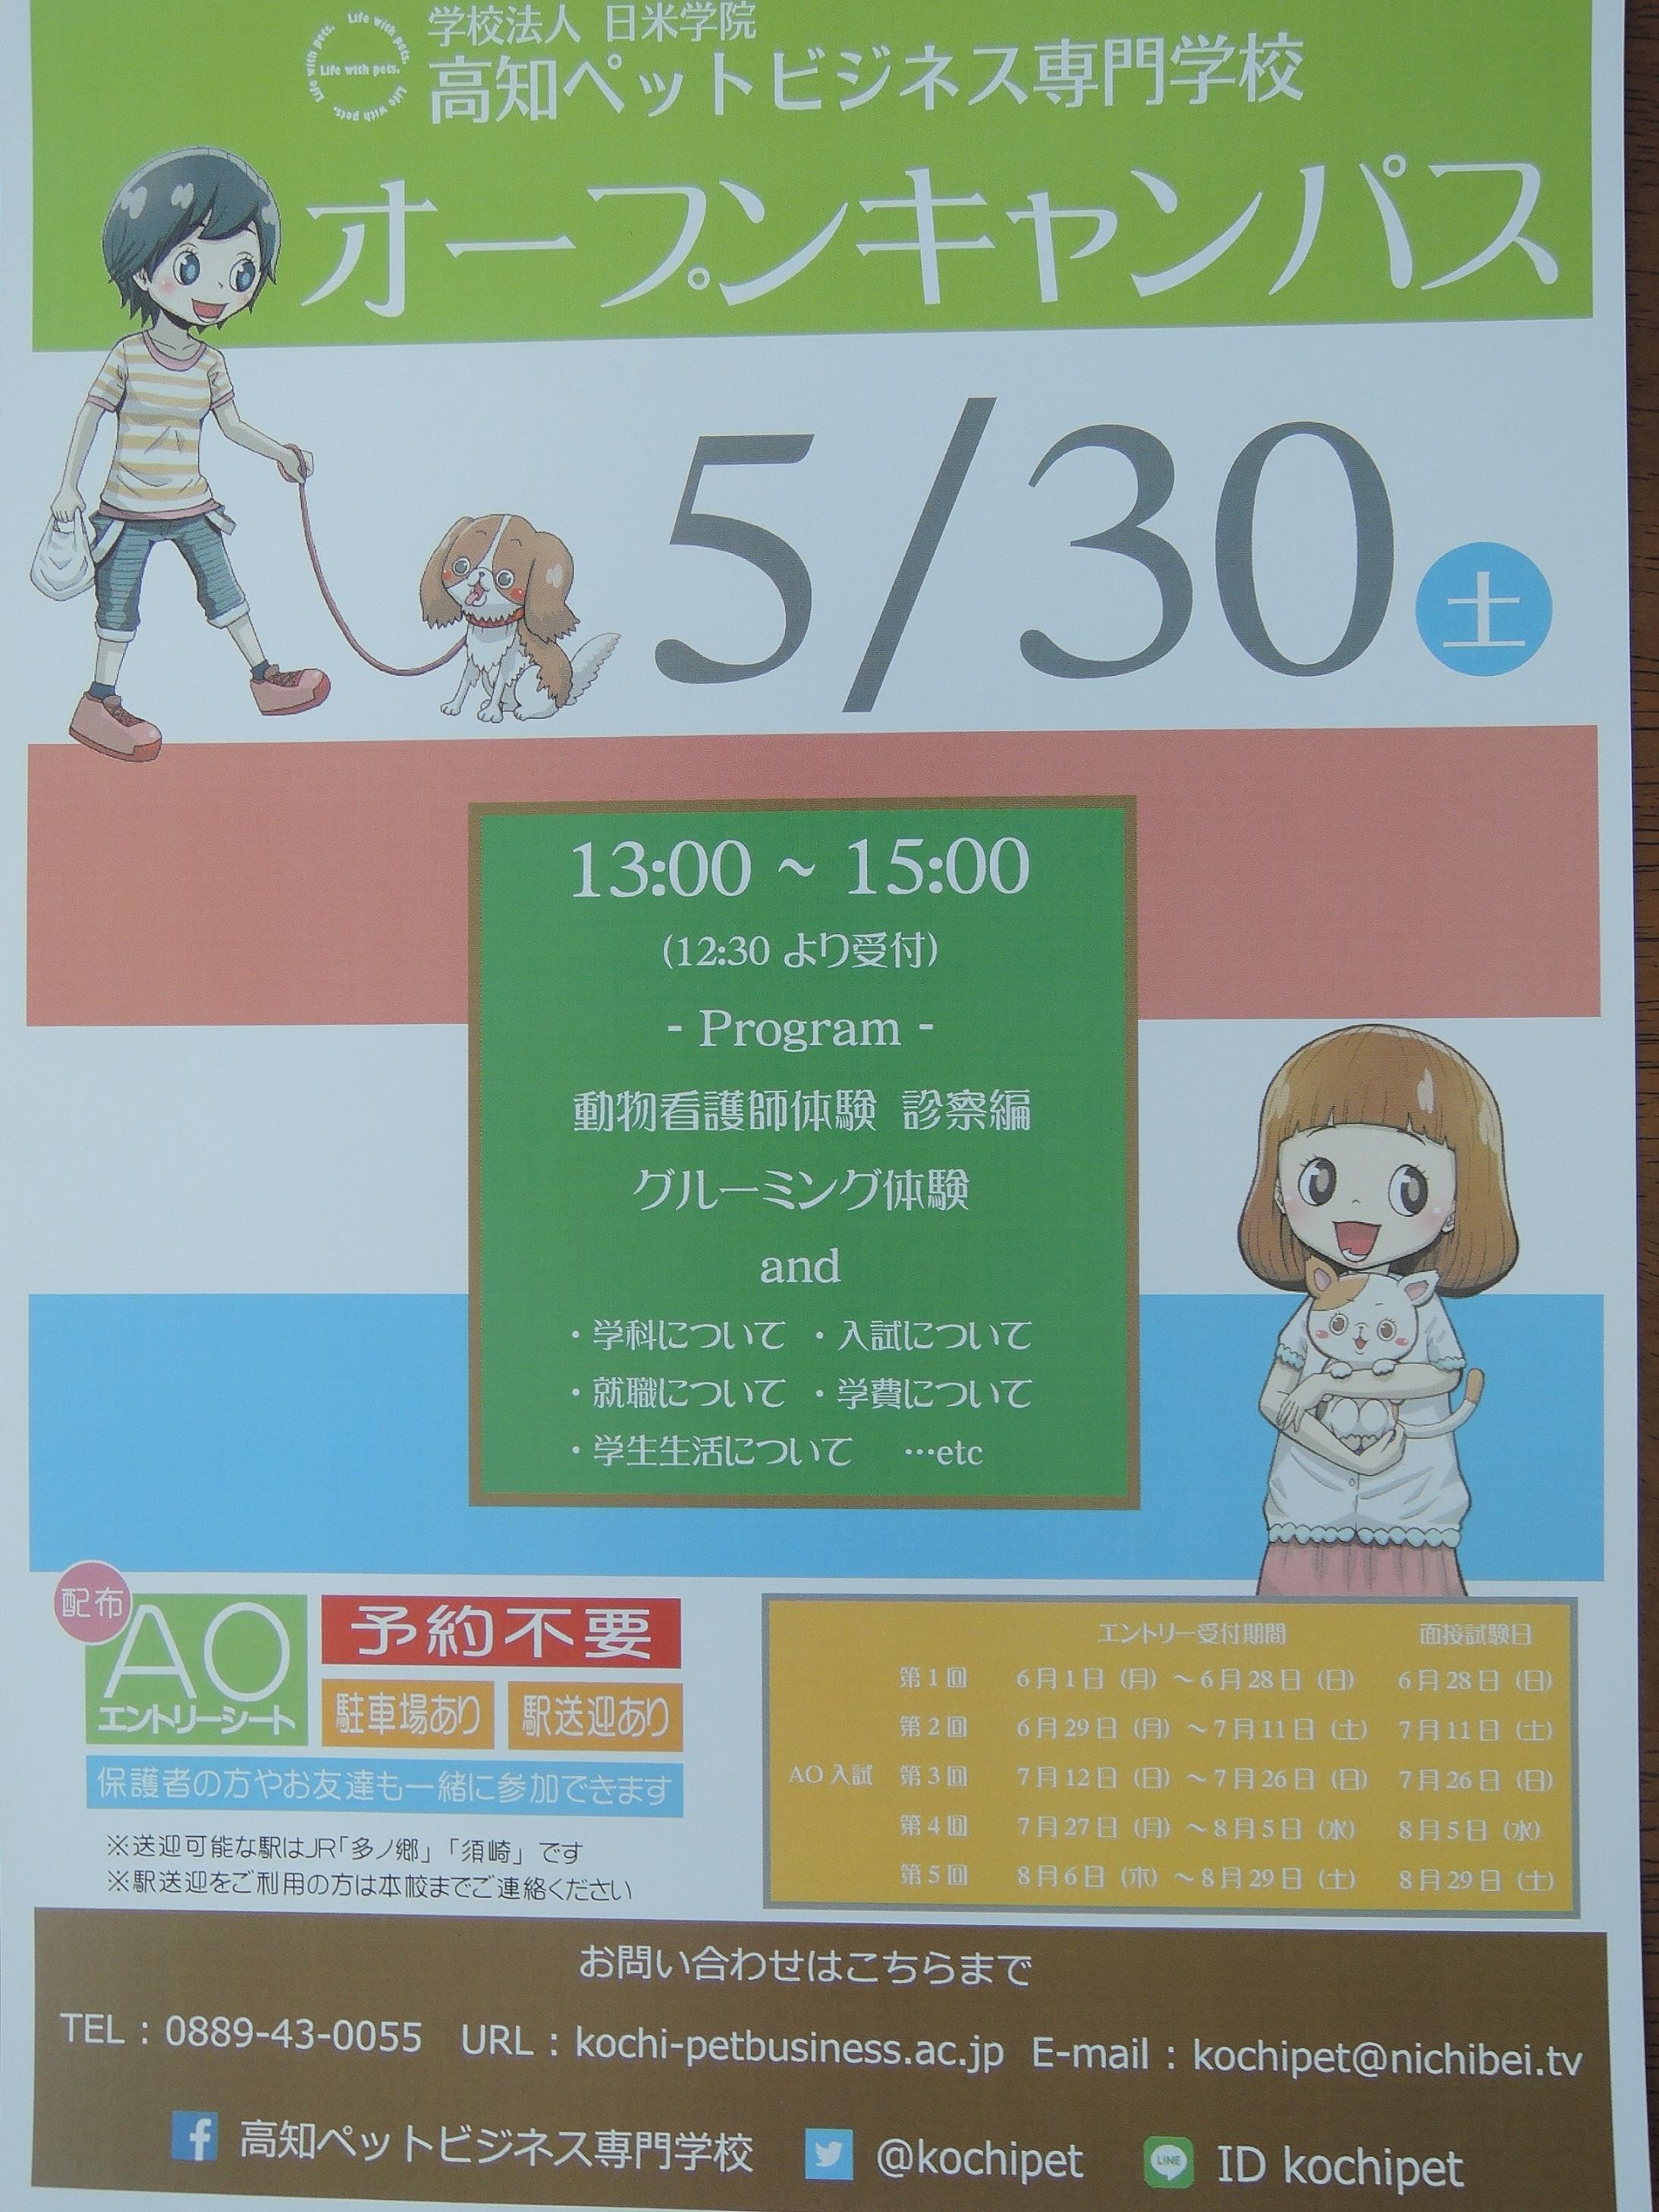 DSCN2490.jpg